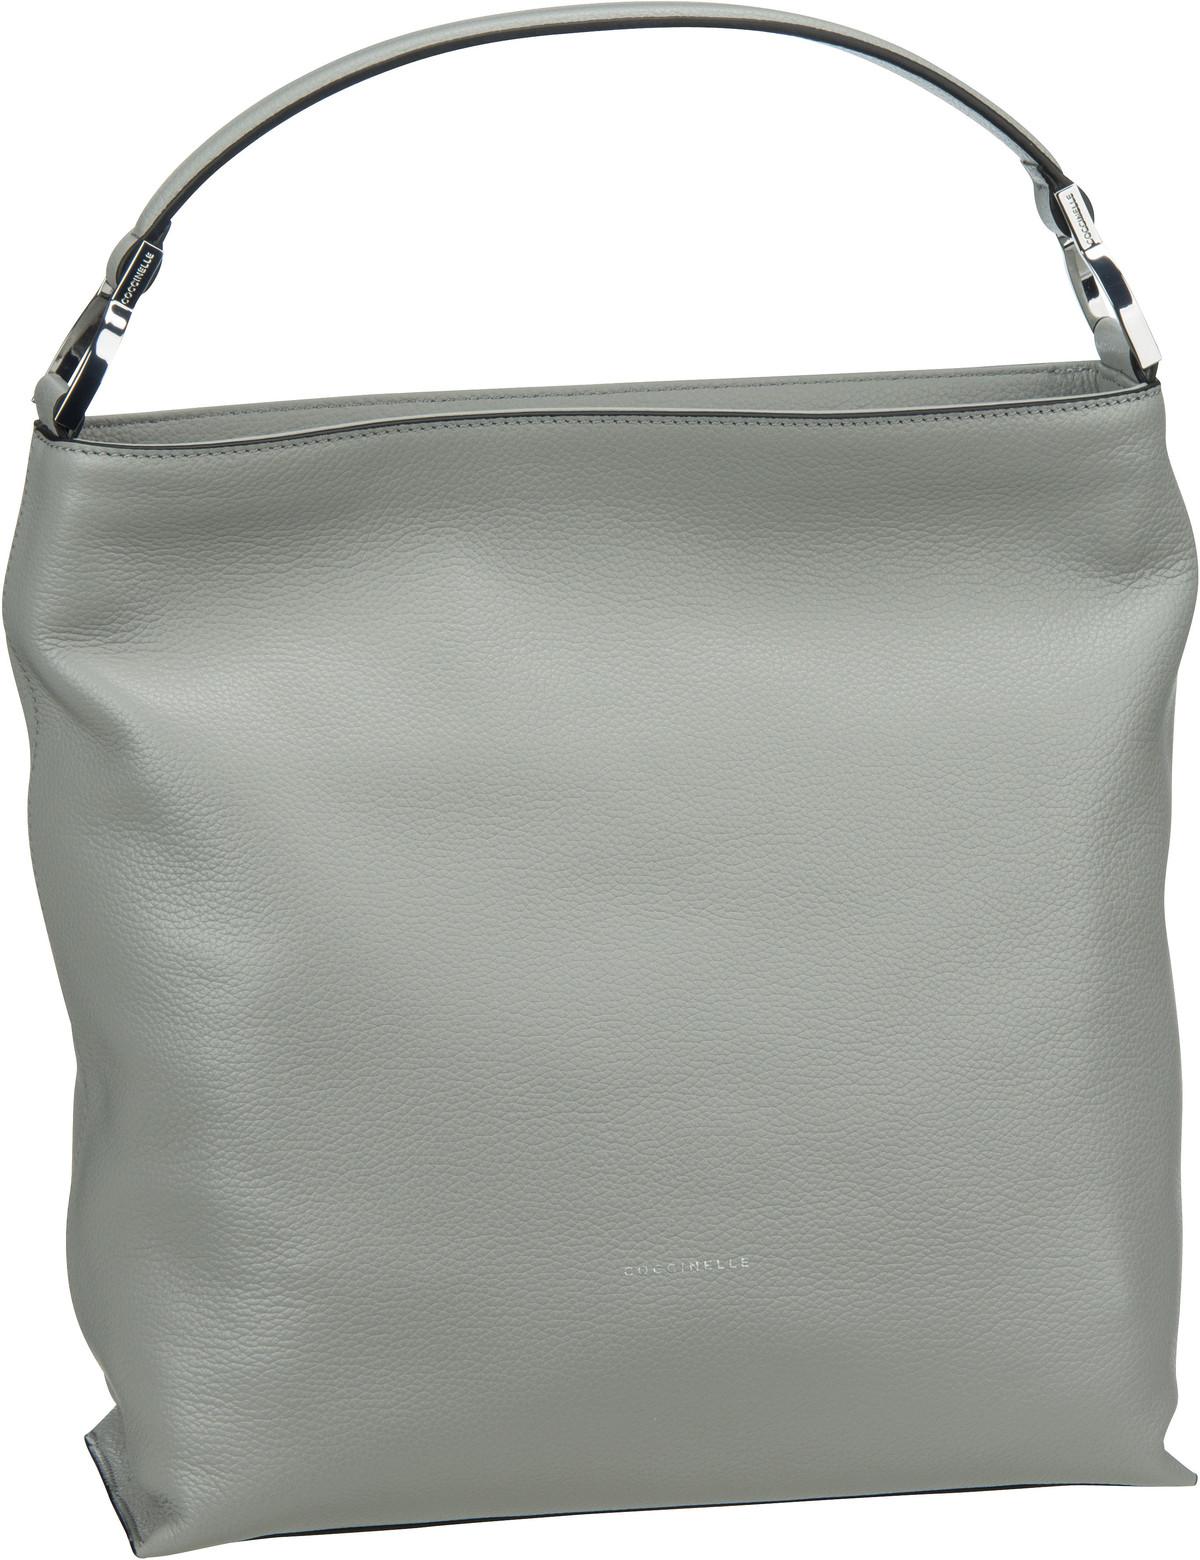 Handtasche Keyla 1302 Dolphin